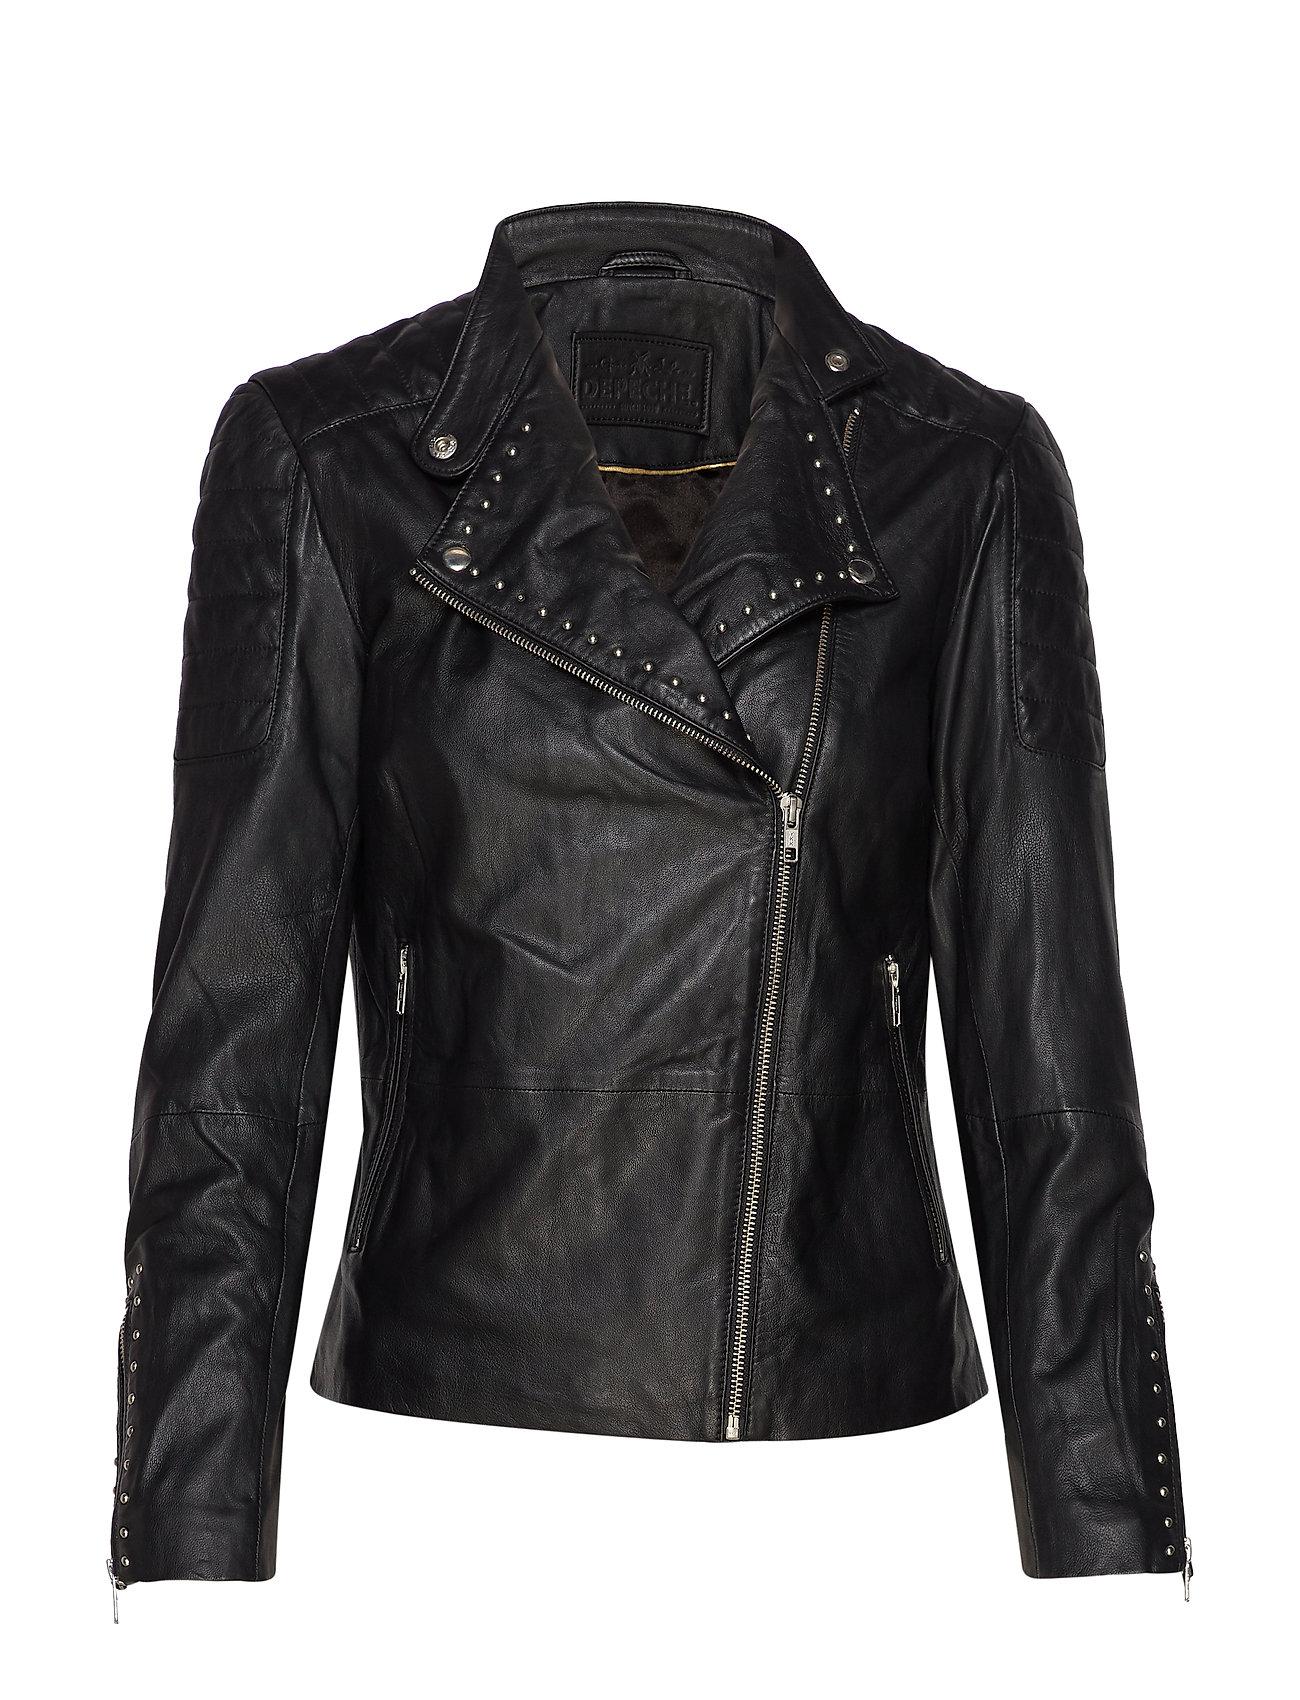 DEPECHE Jacket w/studs - SILVER